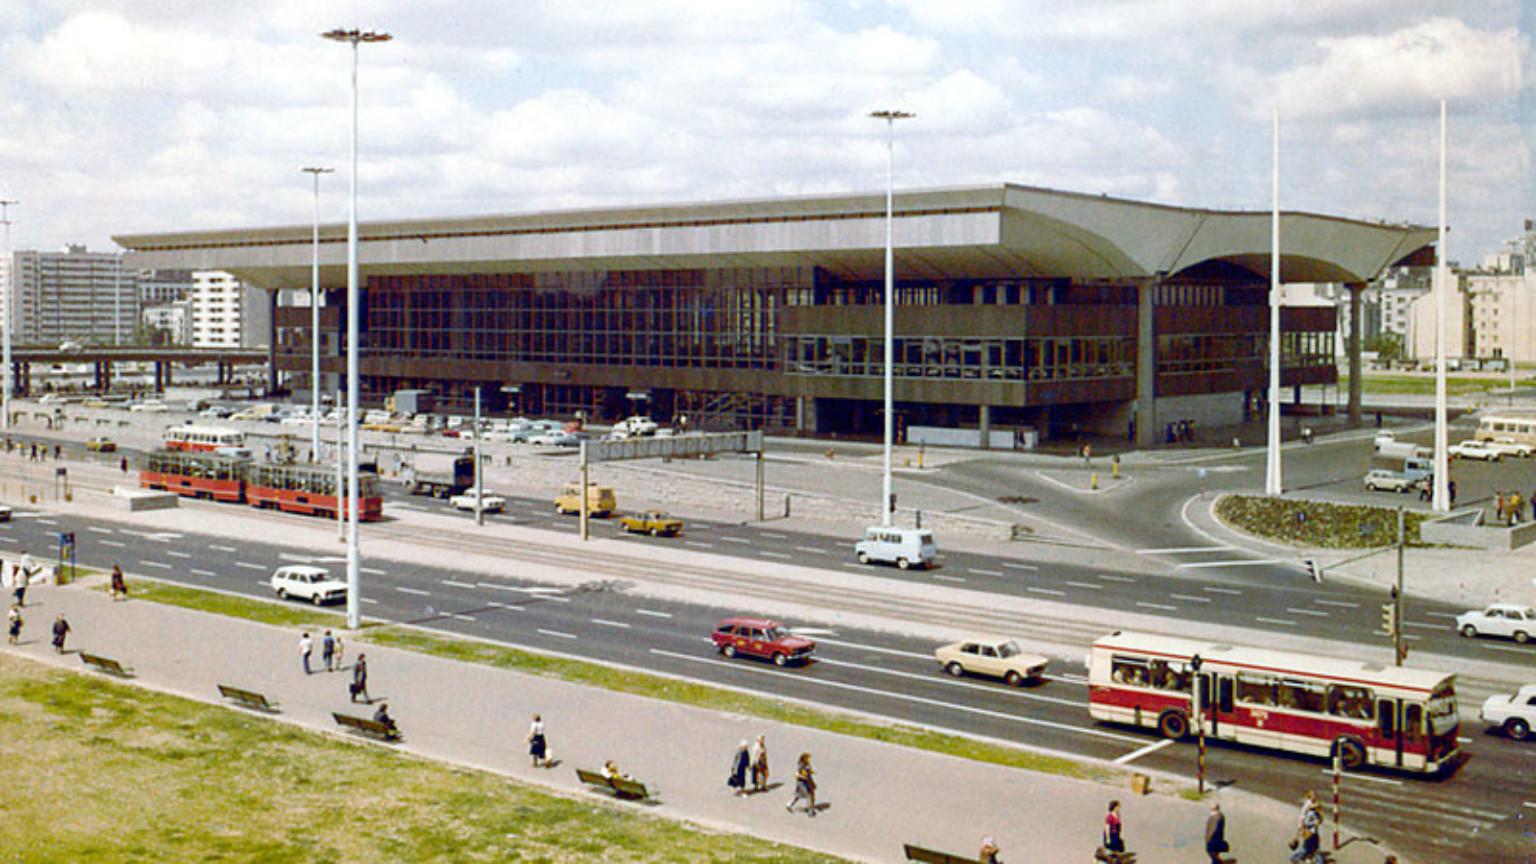 Zdjęcie dla kartki: Otwarcie Dworca Warszawa Centralna